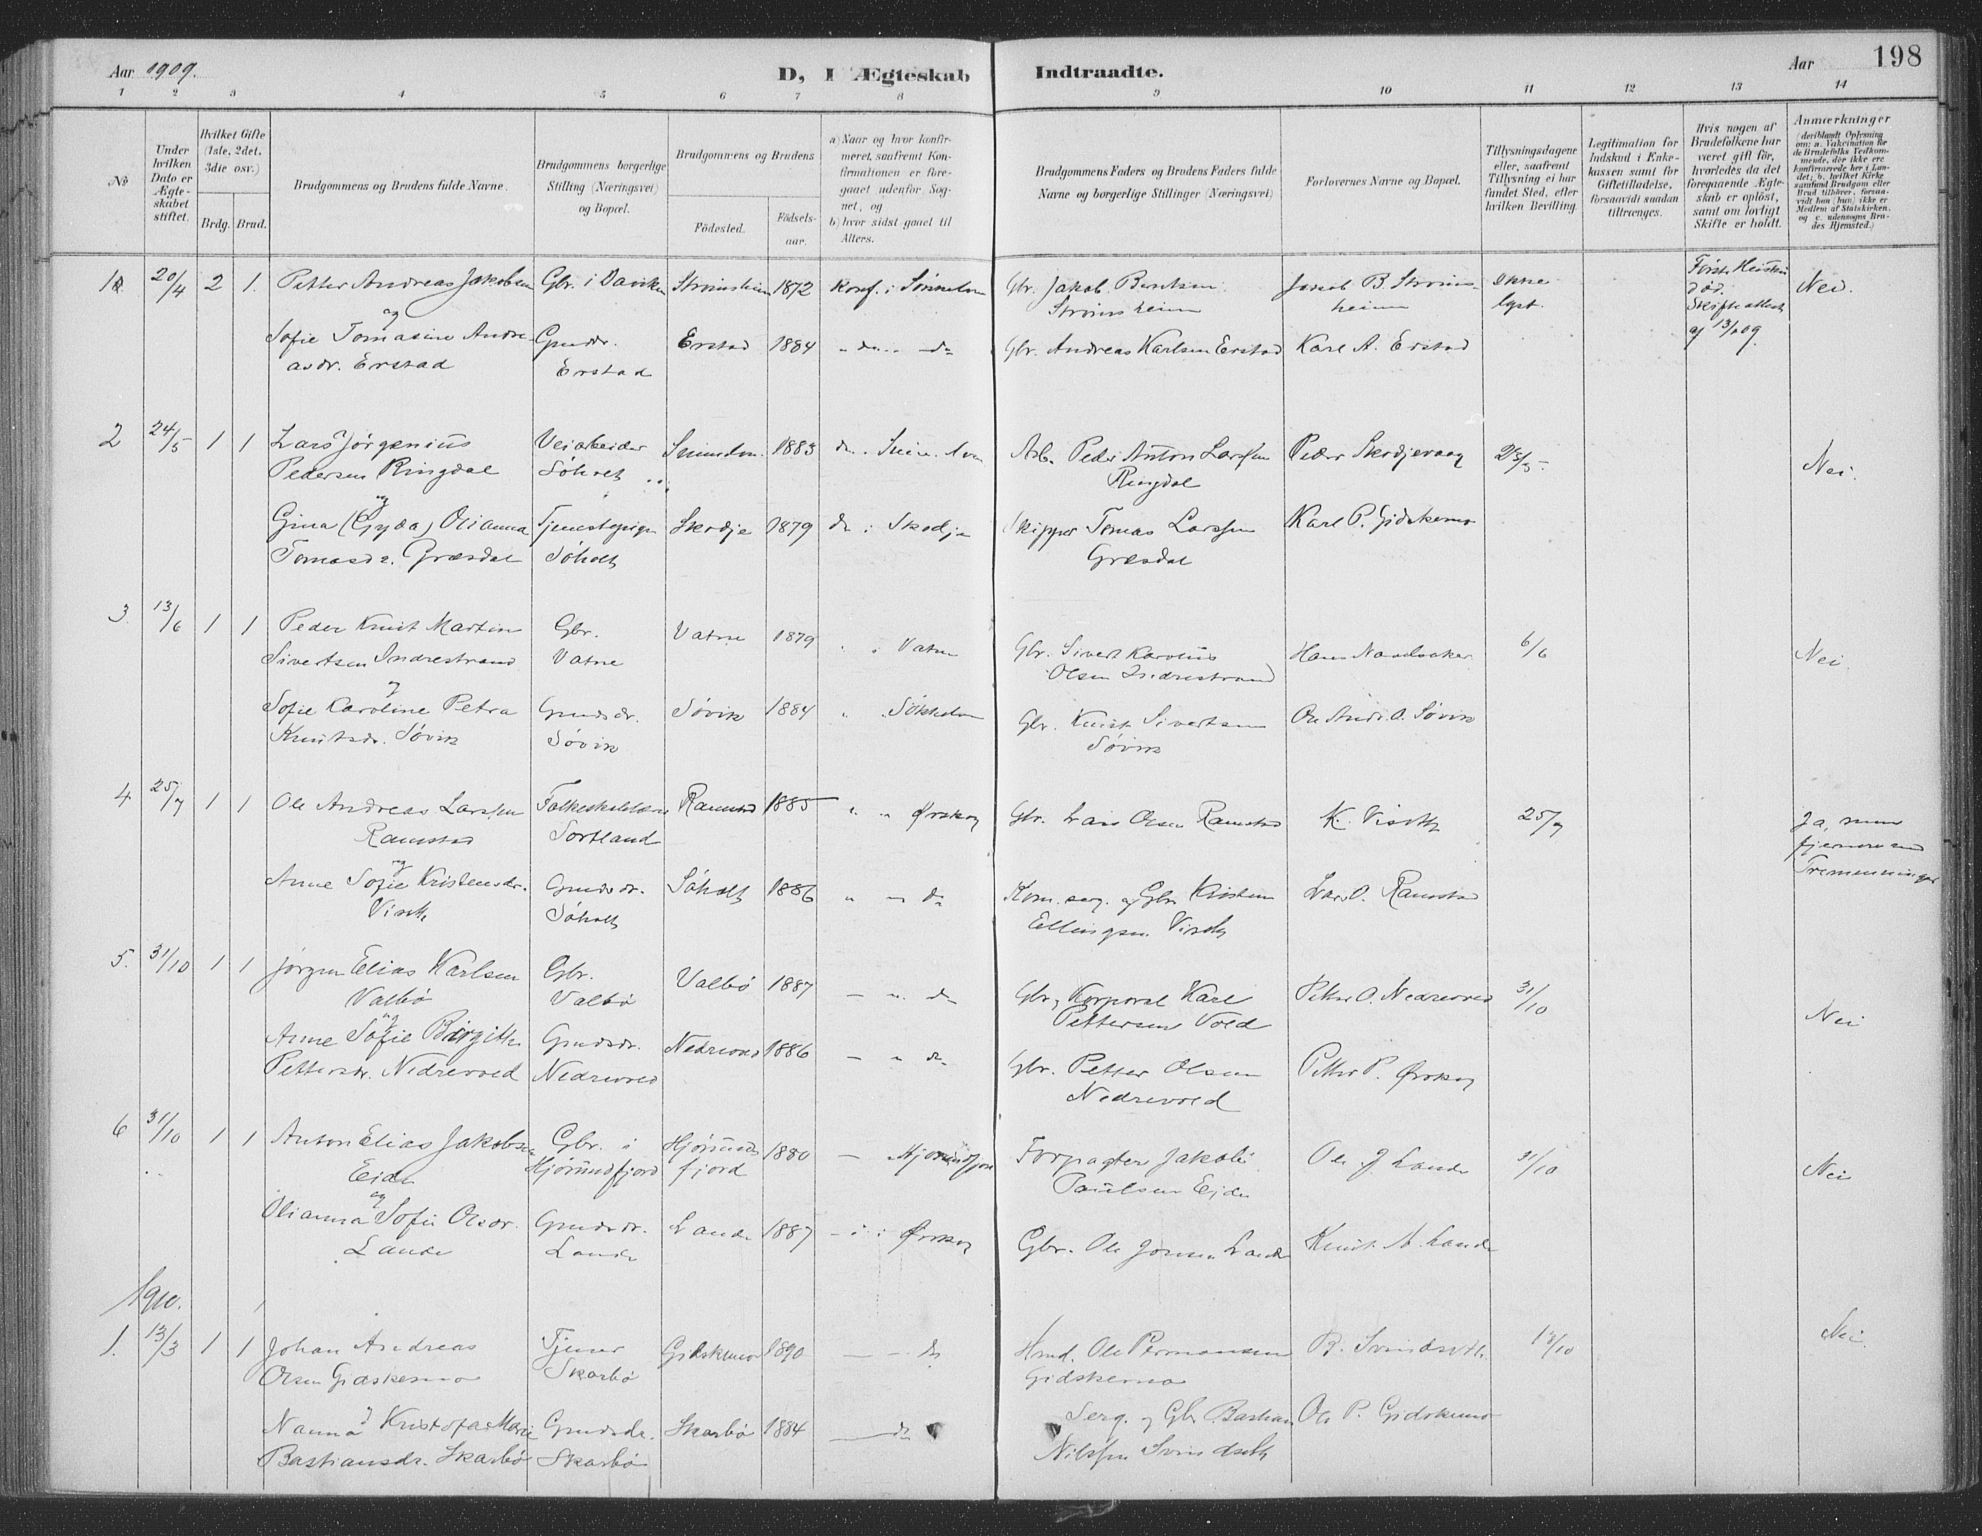 SAT, Ministerialprotokoller, klokkerbøker og fødselsregistre - Møre og Romsdal, 522/L0316: Ministerialbok nr. 522A11, 1890-1911, s. 198